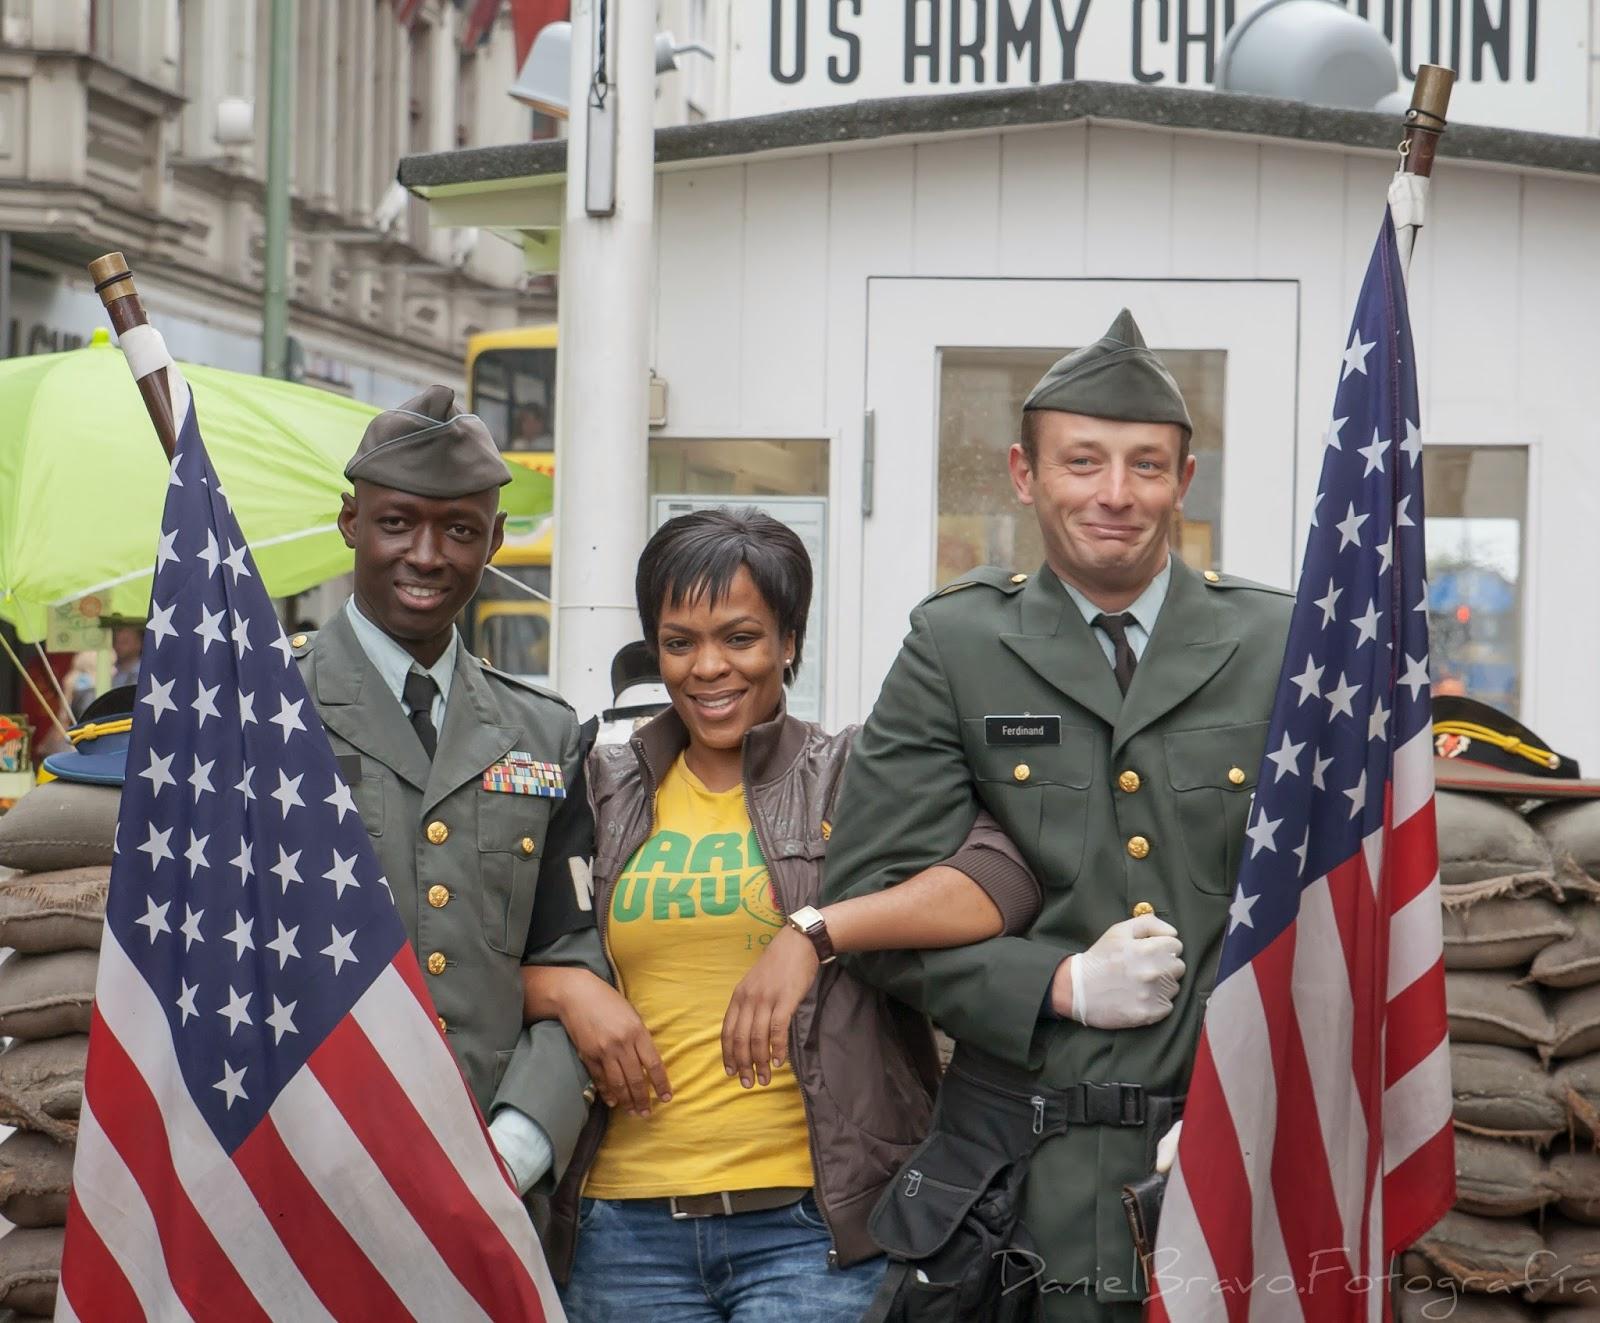 Puesto de control Chekpoint Charly, soldado, soldados, soldados americanos, Chekpoint Charly, Berlín, Berlin